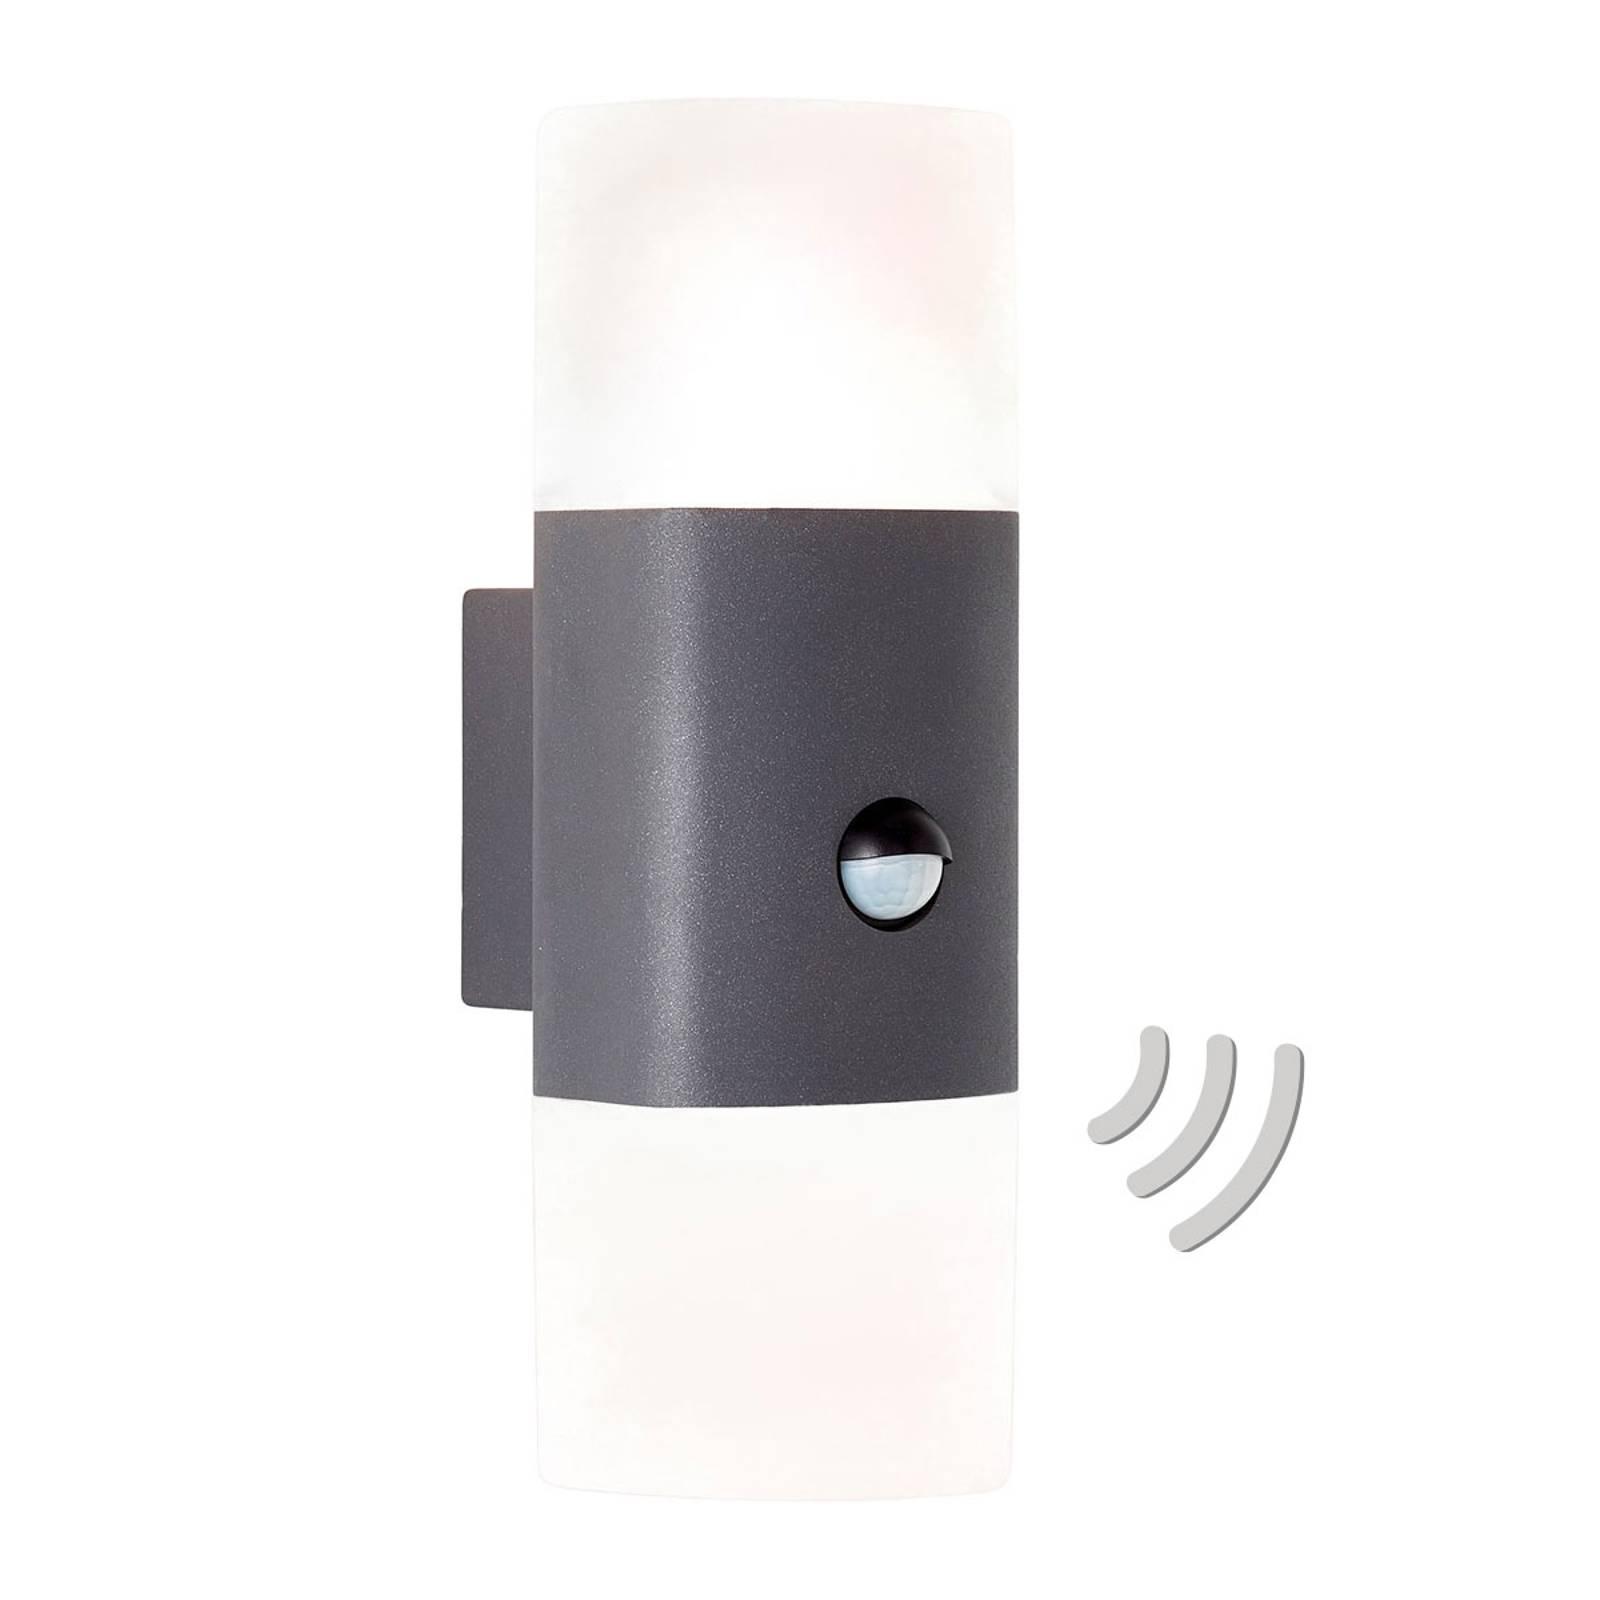 AEG Farlay applique d'ext. LED, 2 lampes capteur